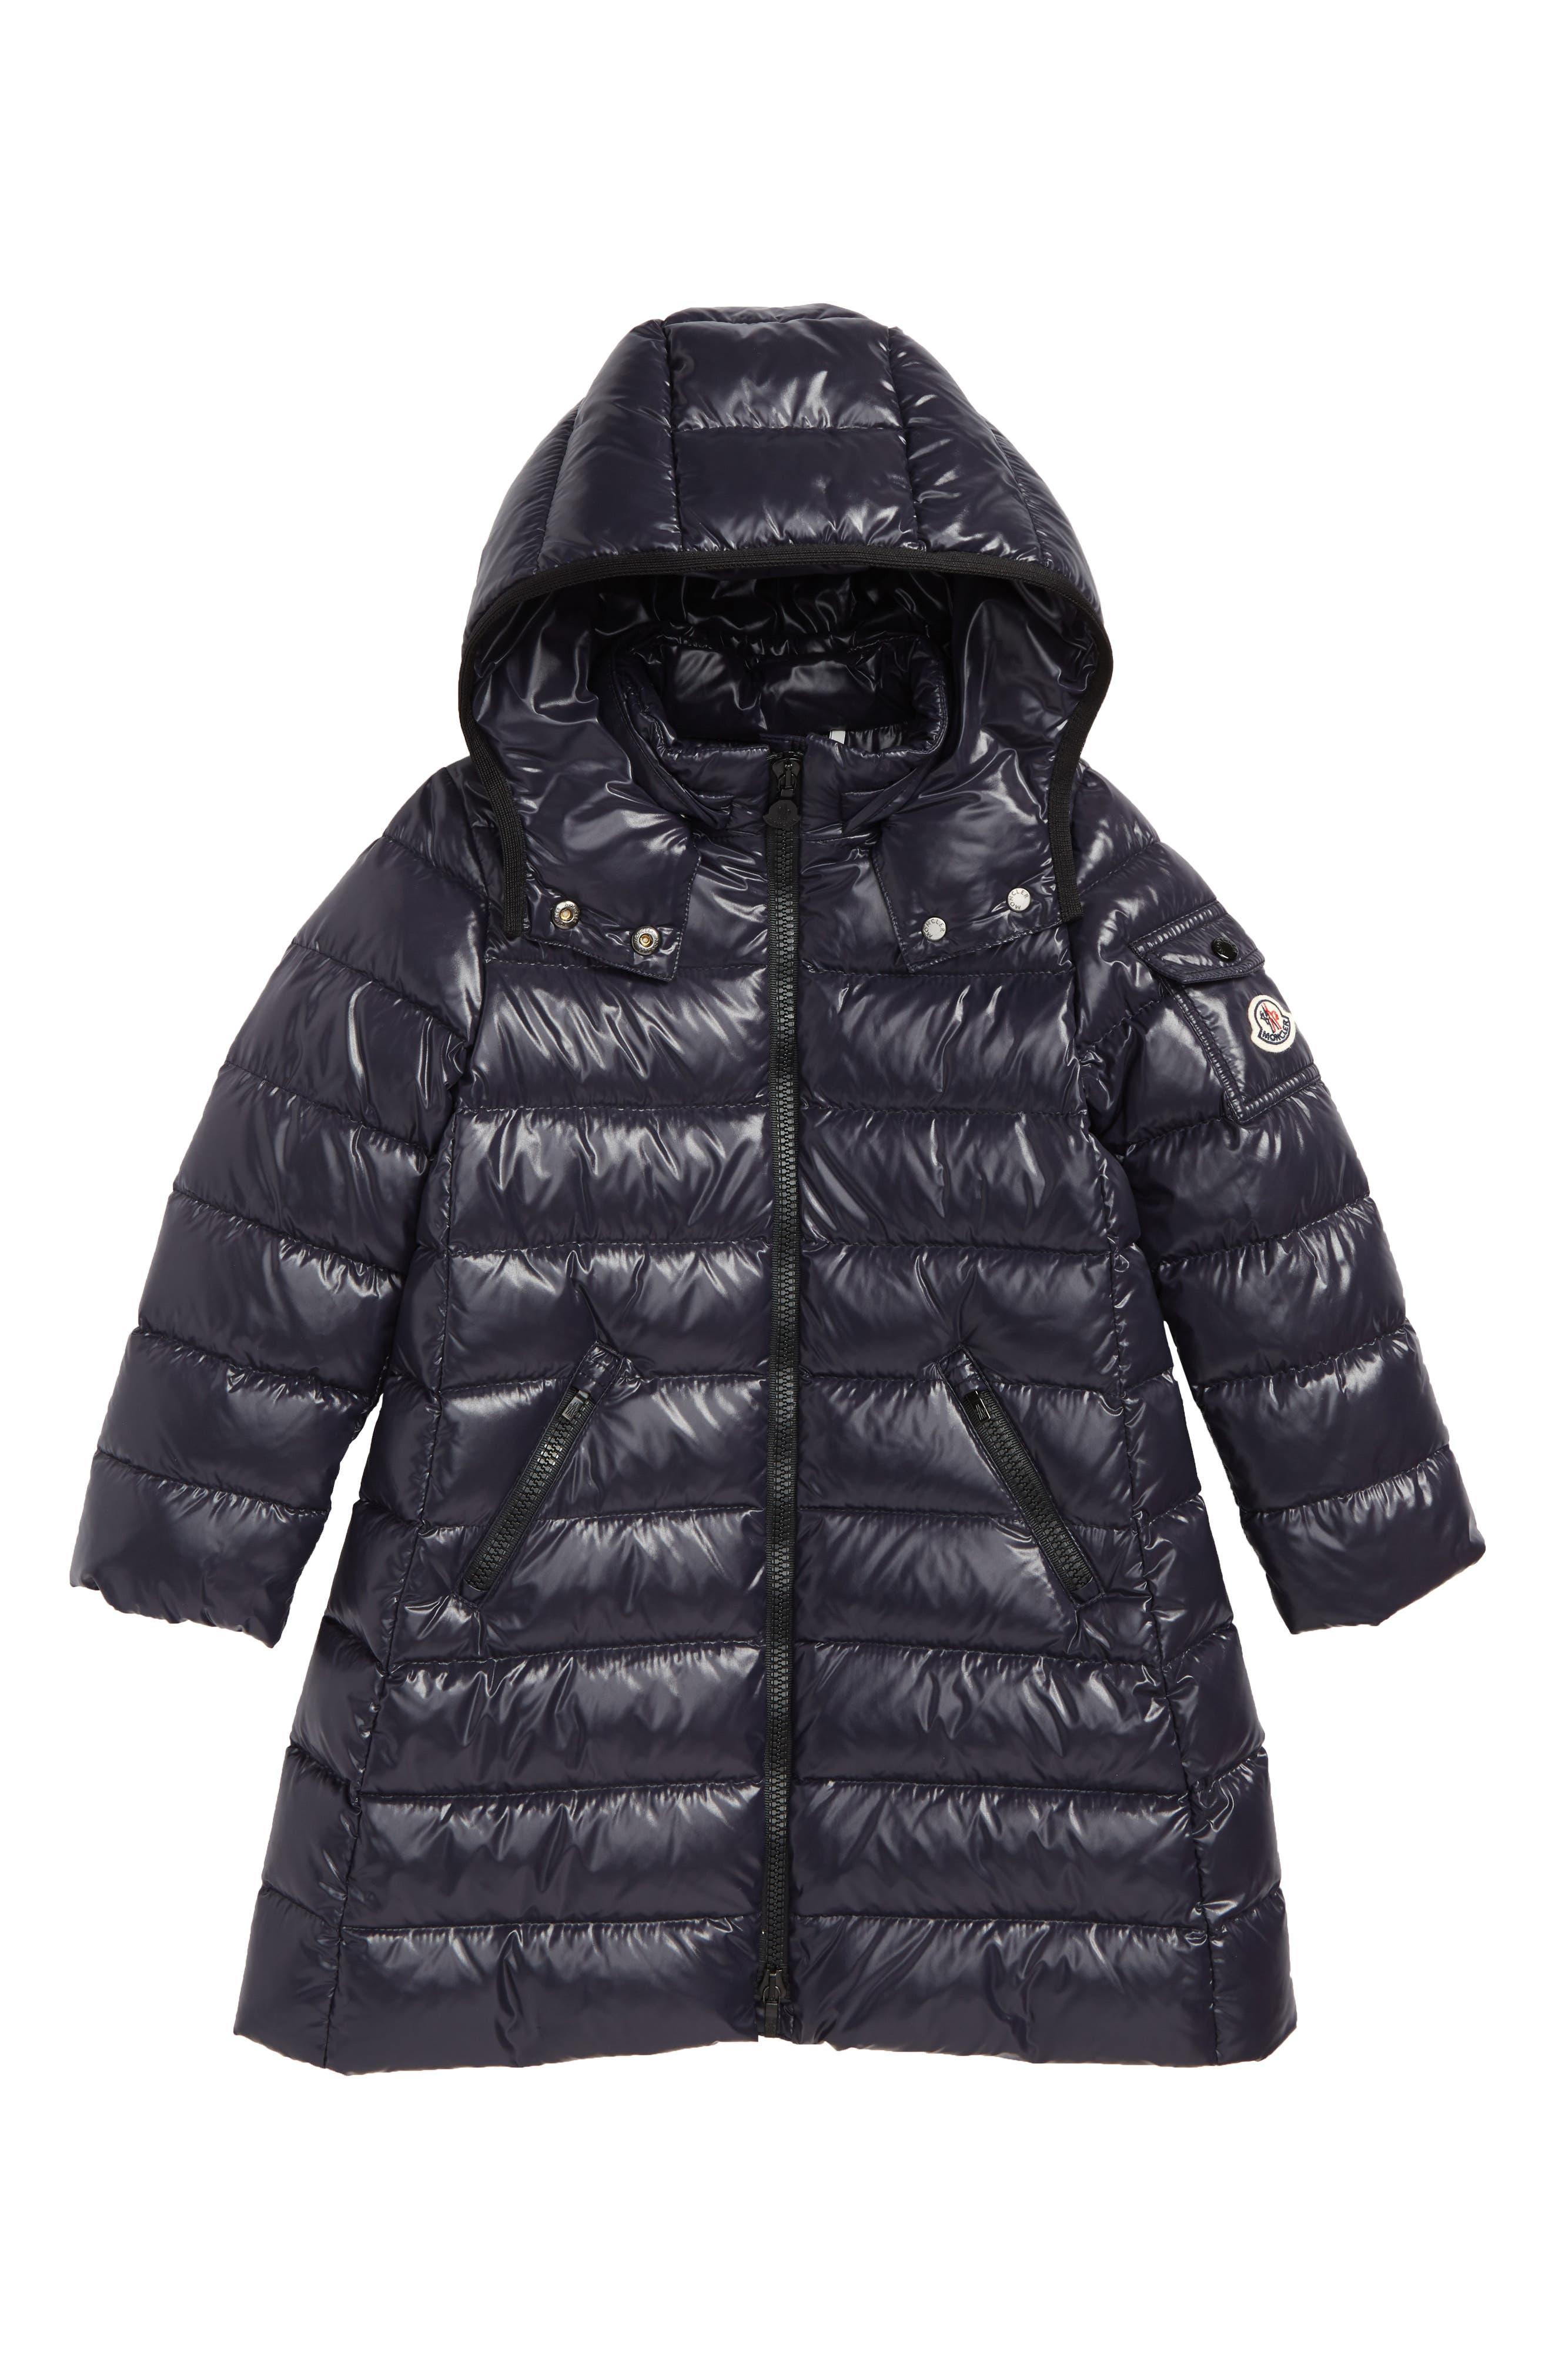 MONCLER, Moka Long Hooded Water Resistant Down Jacket, Main thumbnail 1, color, NAVY